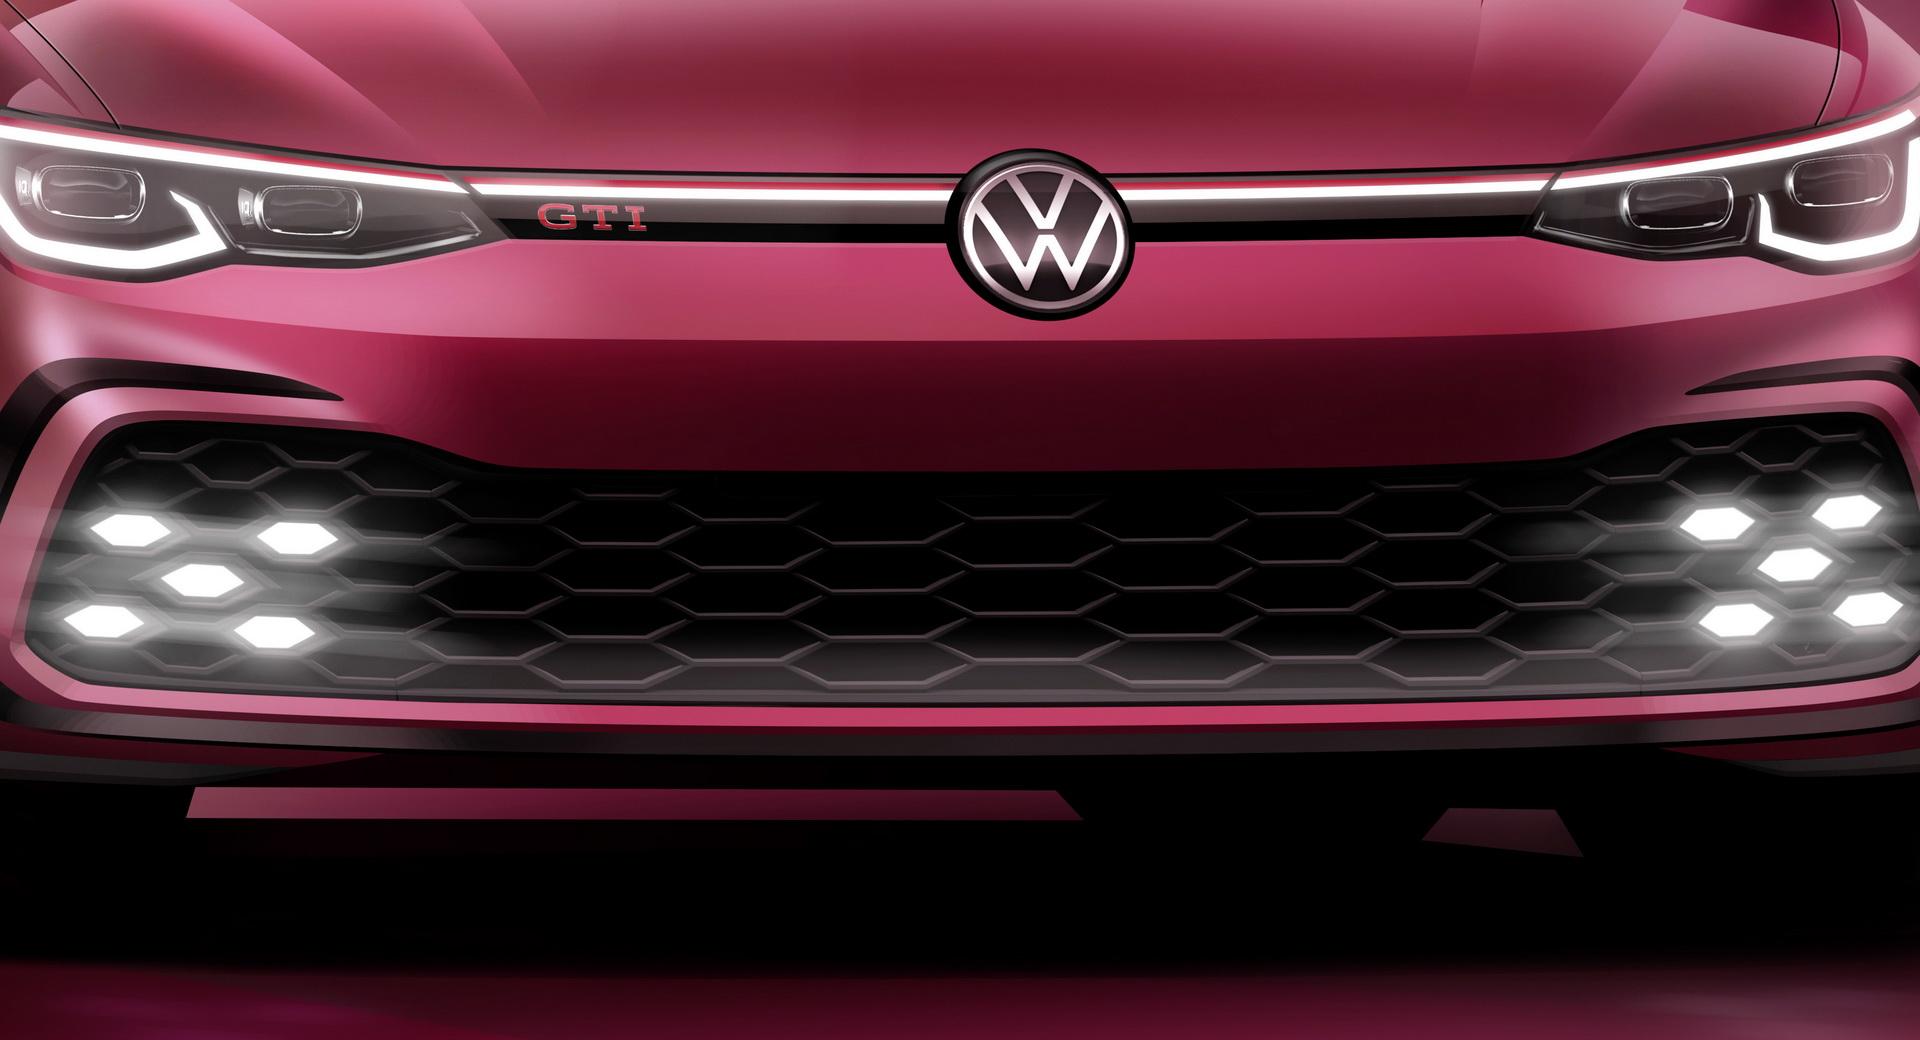 VW mostra a frente do novo Golf GTI que vai revelar em Genebra